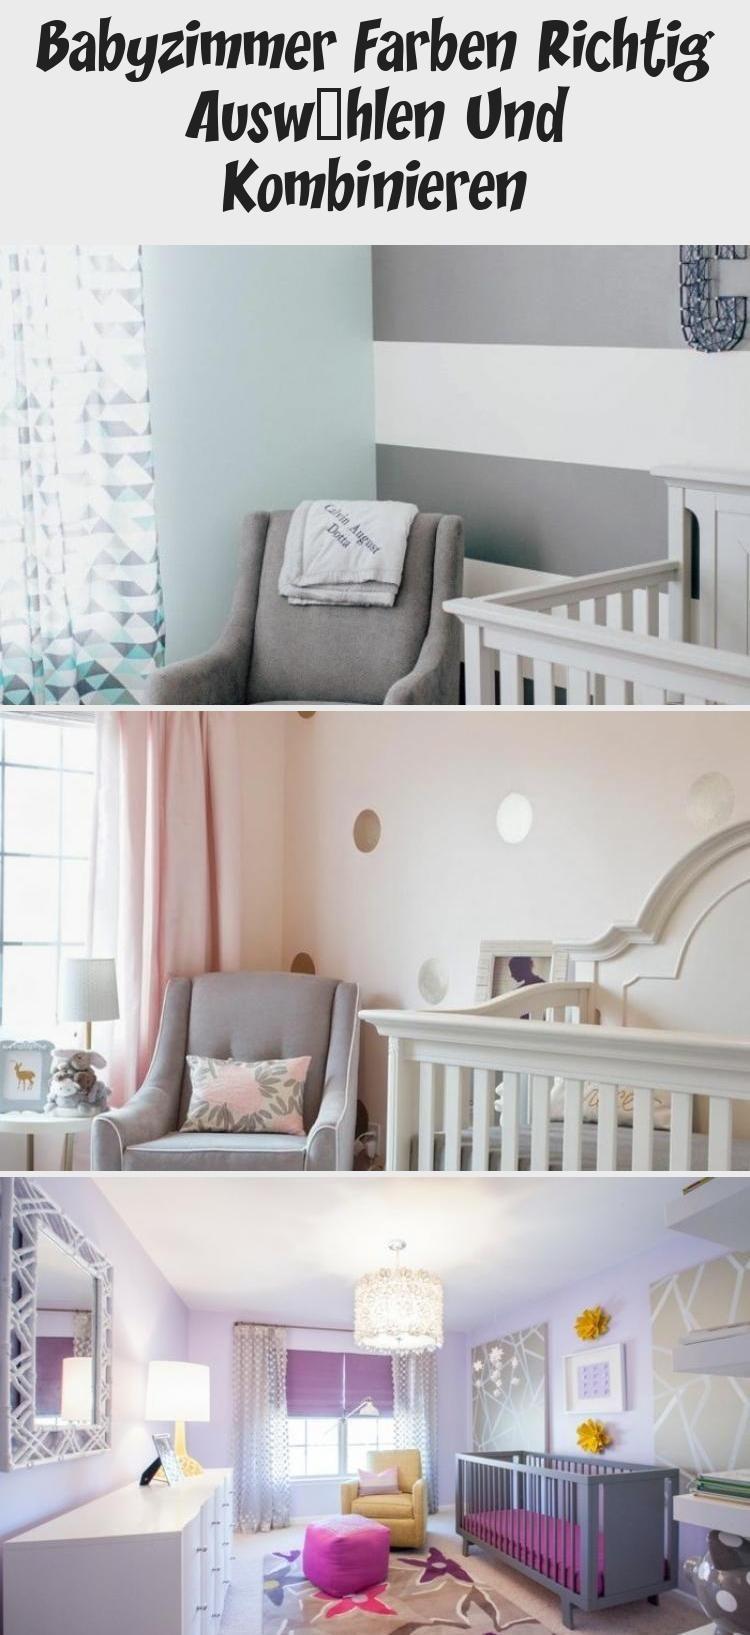 Farben Richtig Auswahlen Und Kombinieren In 2020 Babyzimmer